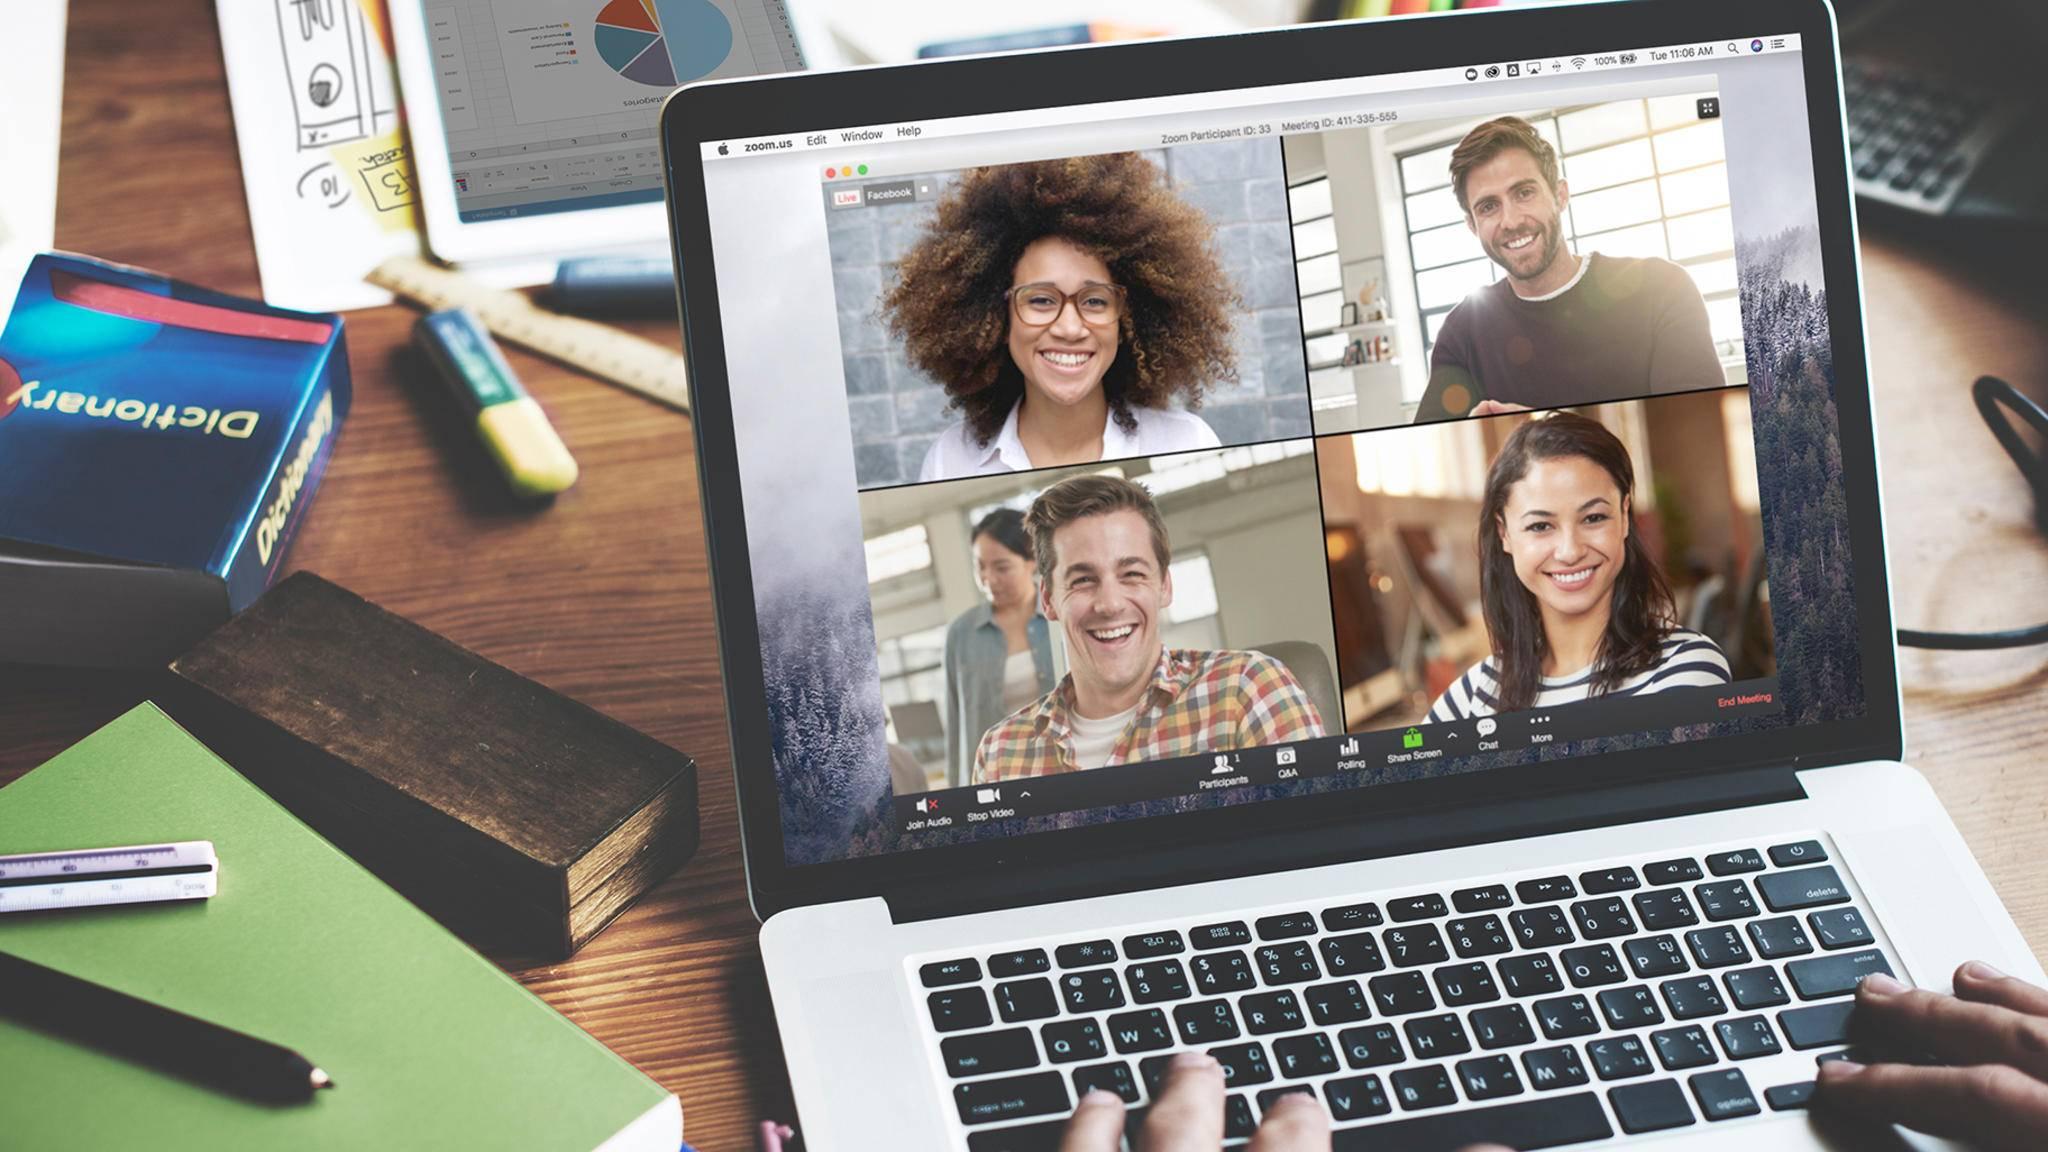 Den Bildschirm zu teilen, bietet sich zum Beispiel für eine Präsentation in einem Meeting an.